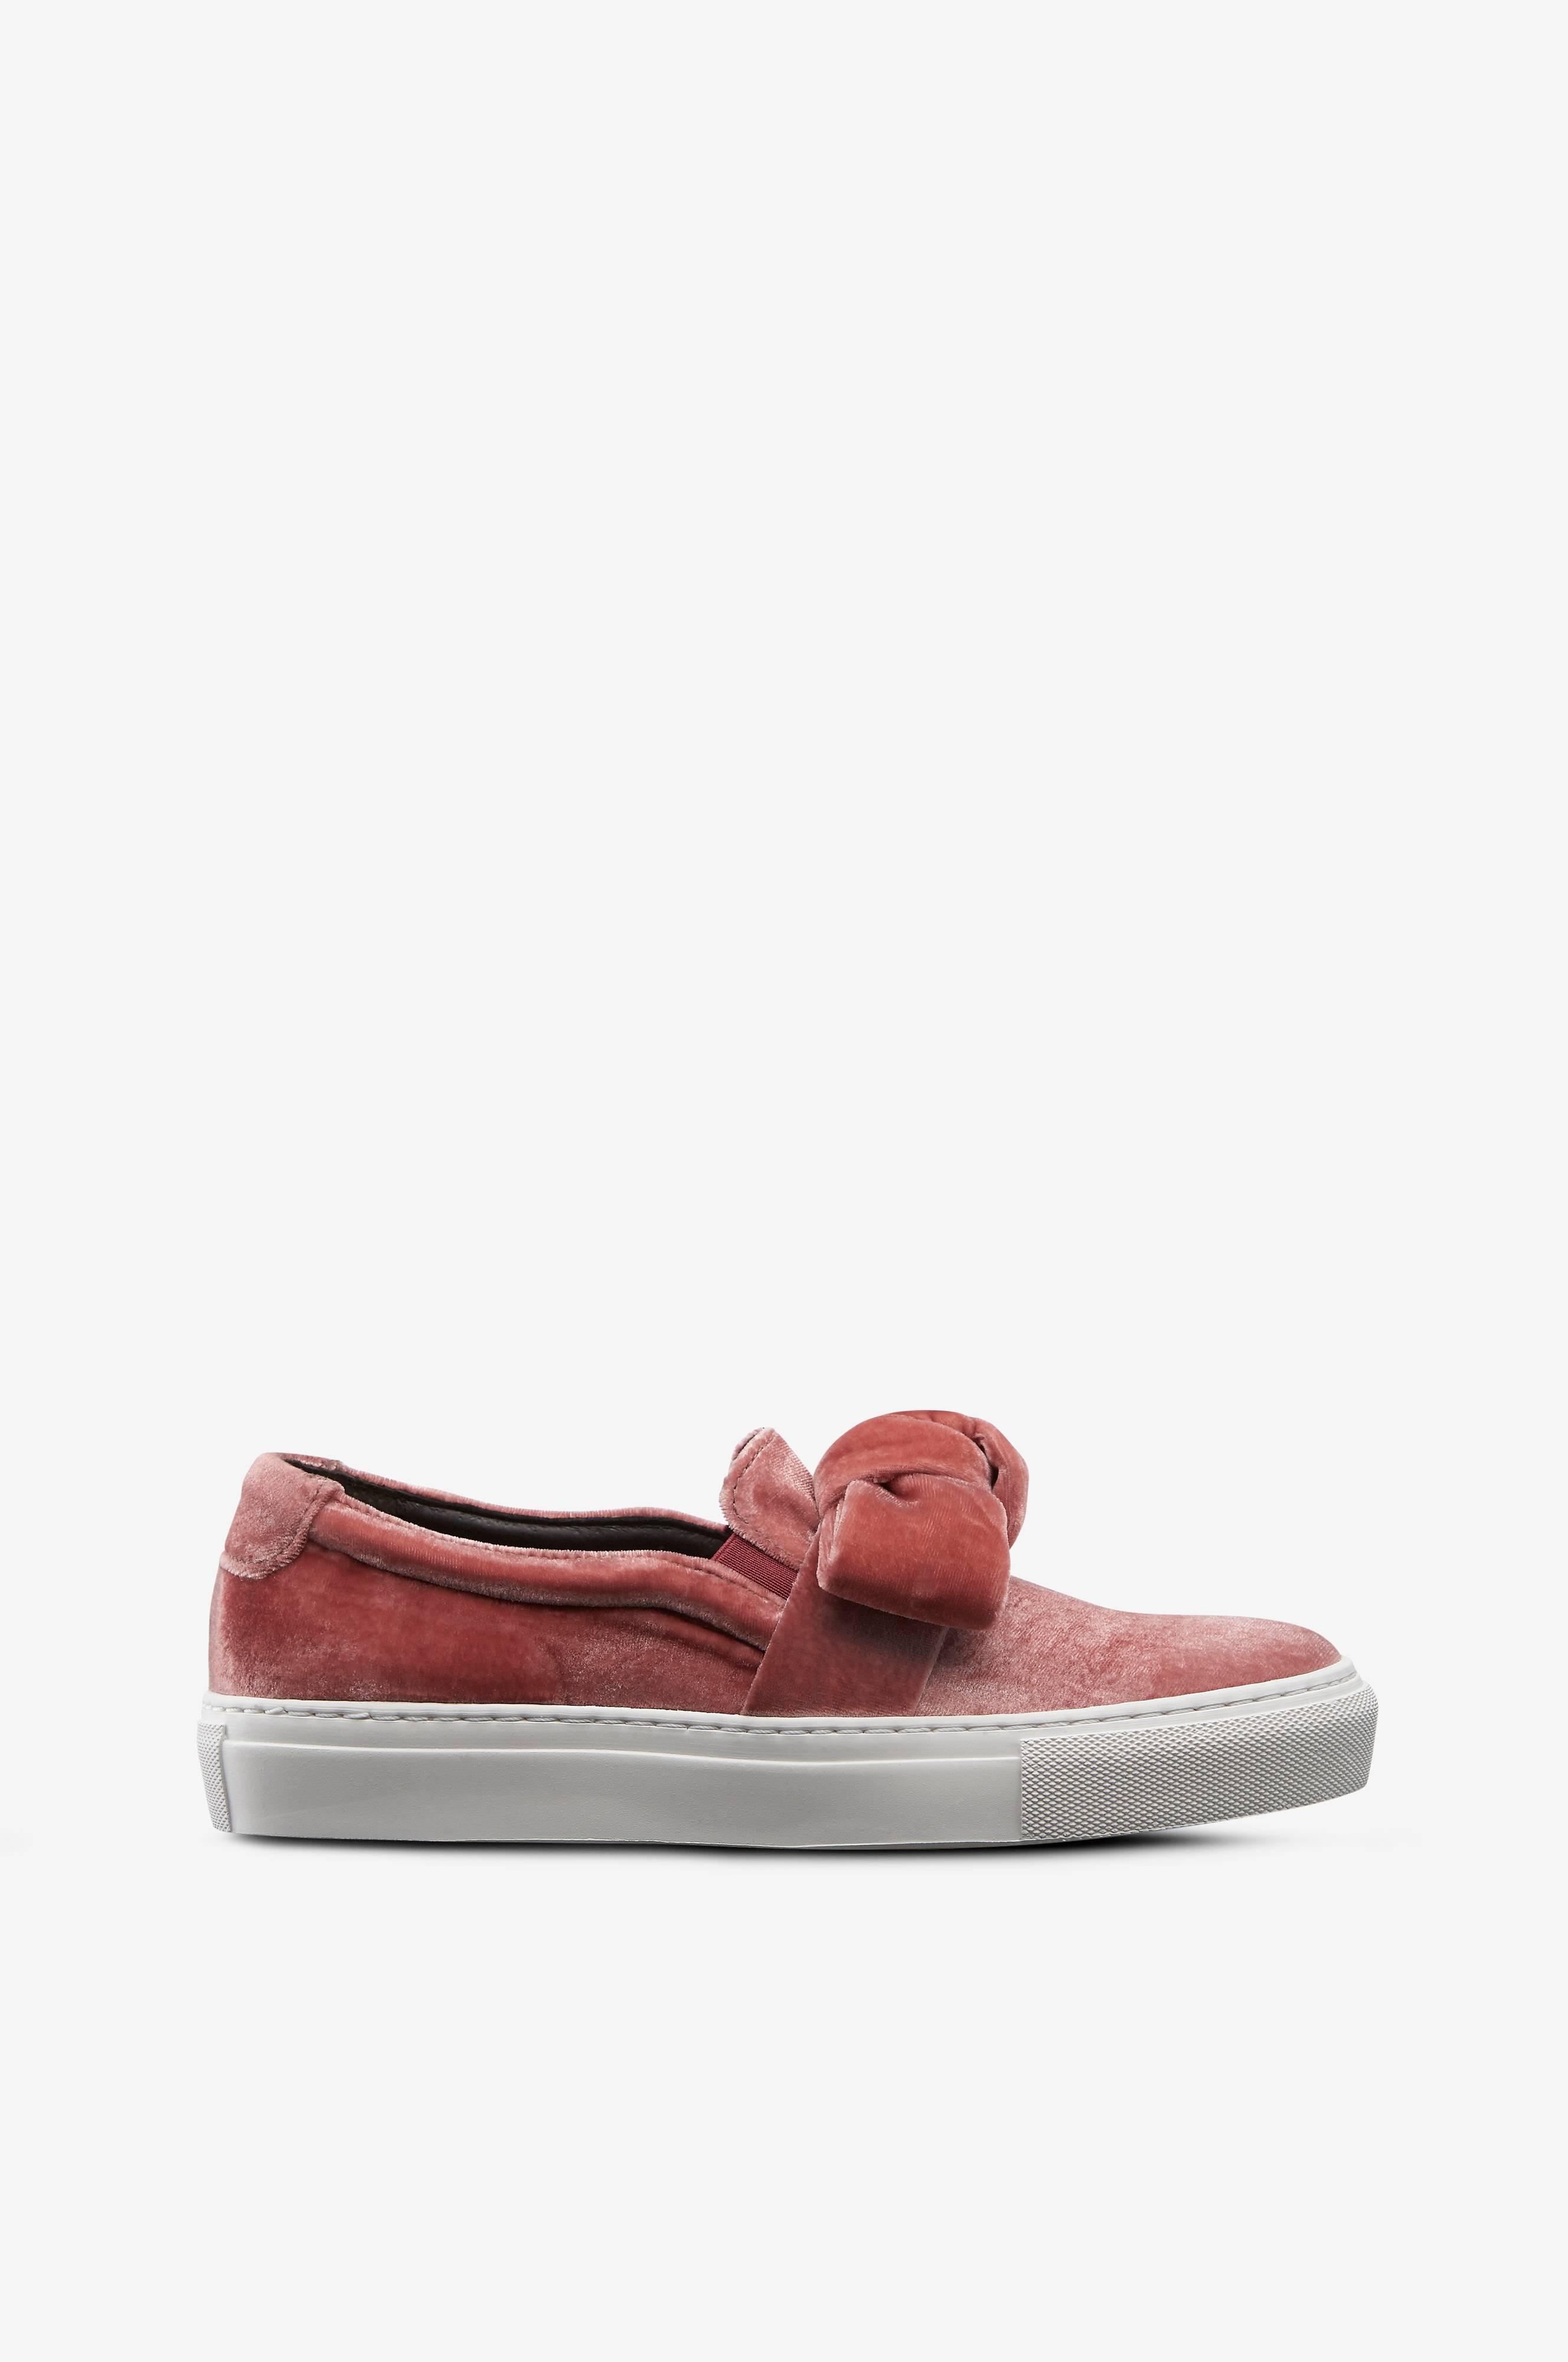 3a6a374e354 fotmätare barn mätsticka för skor 24.se finns på PricePi.com.